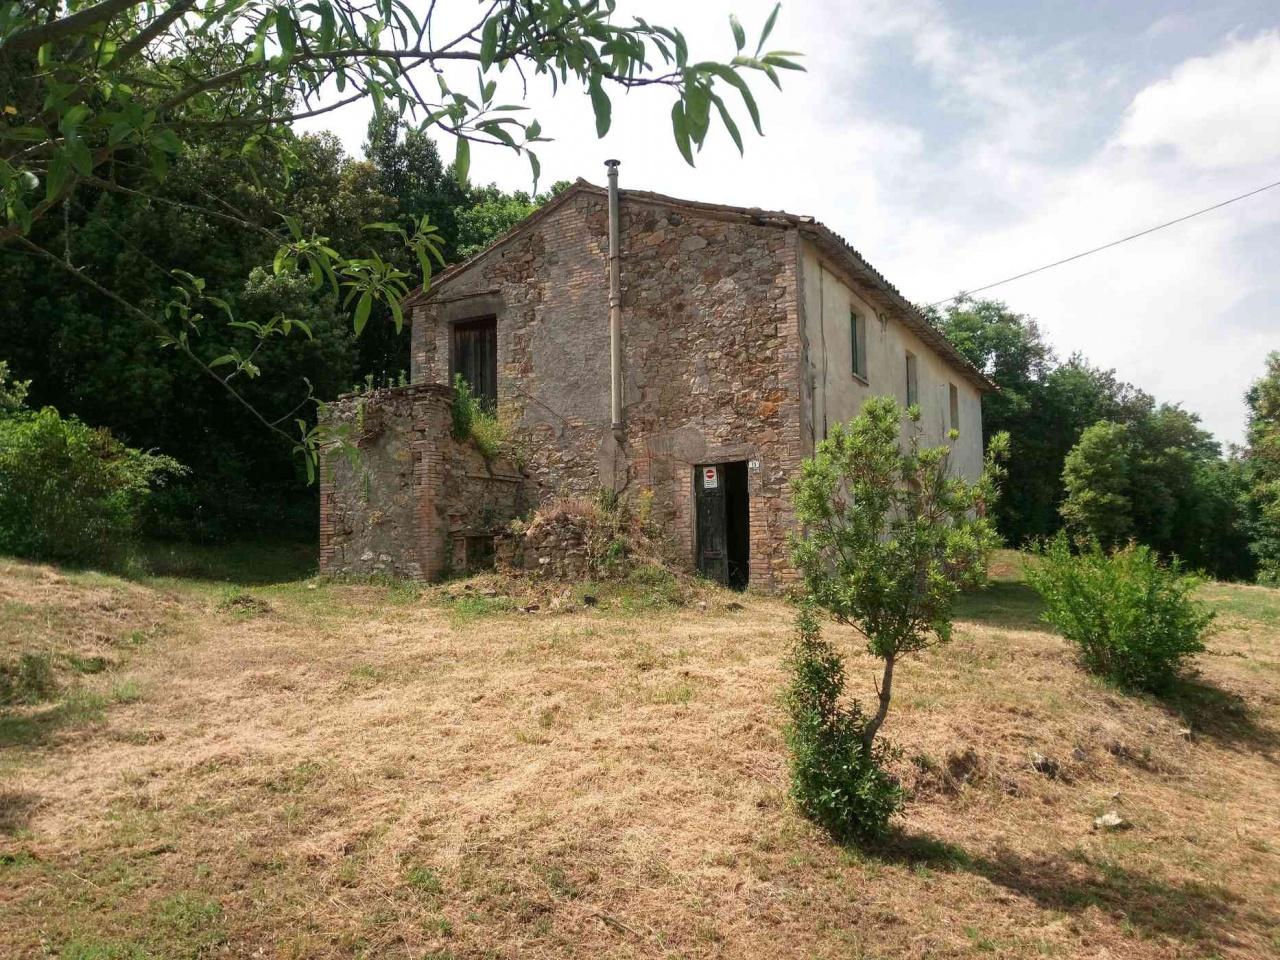 Rustico / Casale in vendita a Allerona, 8 locali, prezzo € 120.000 | CambioCasa.it